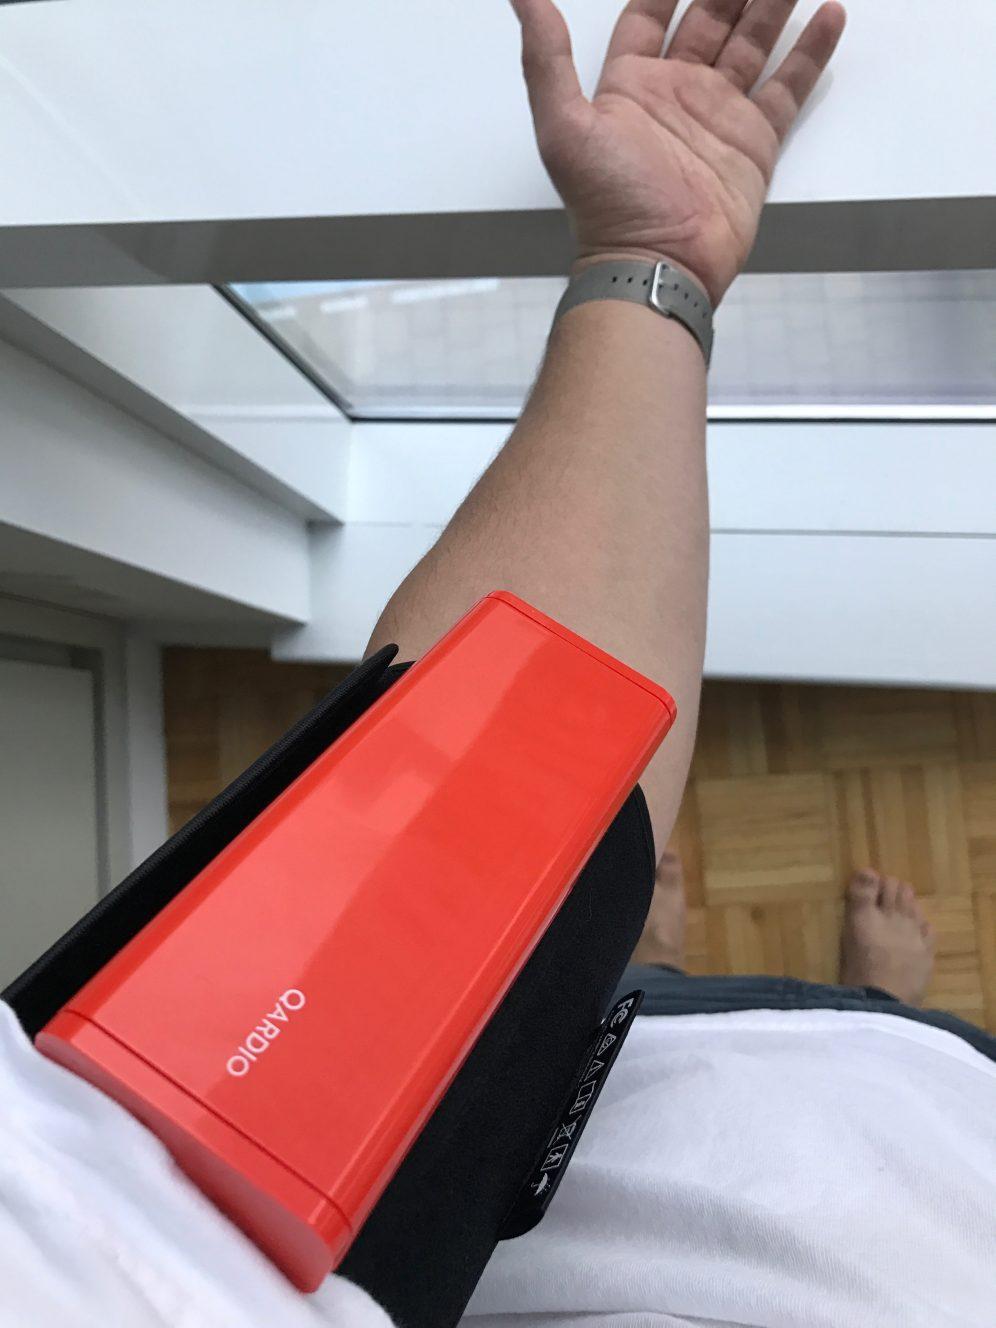 QardioArm on arm